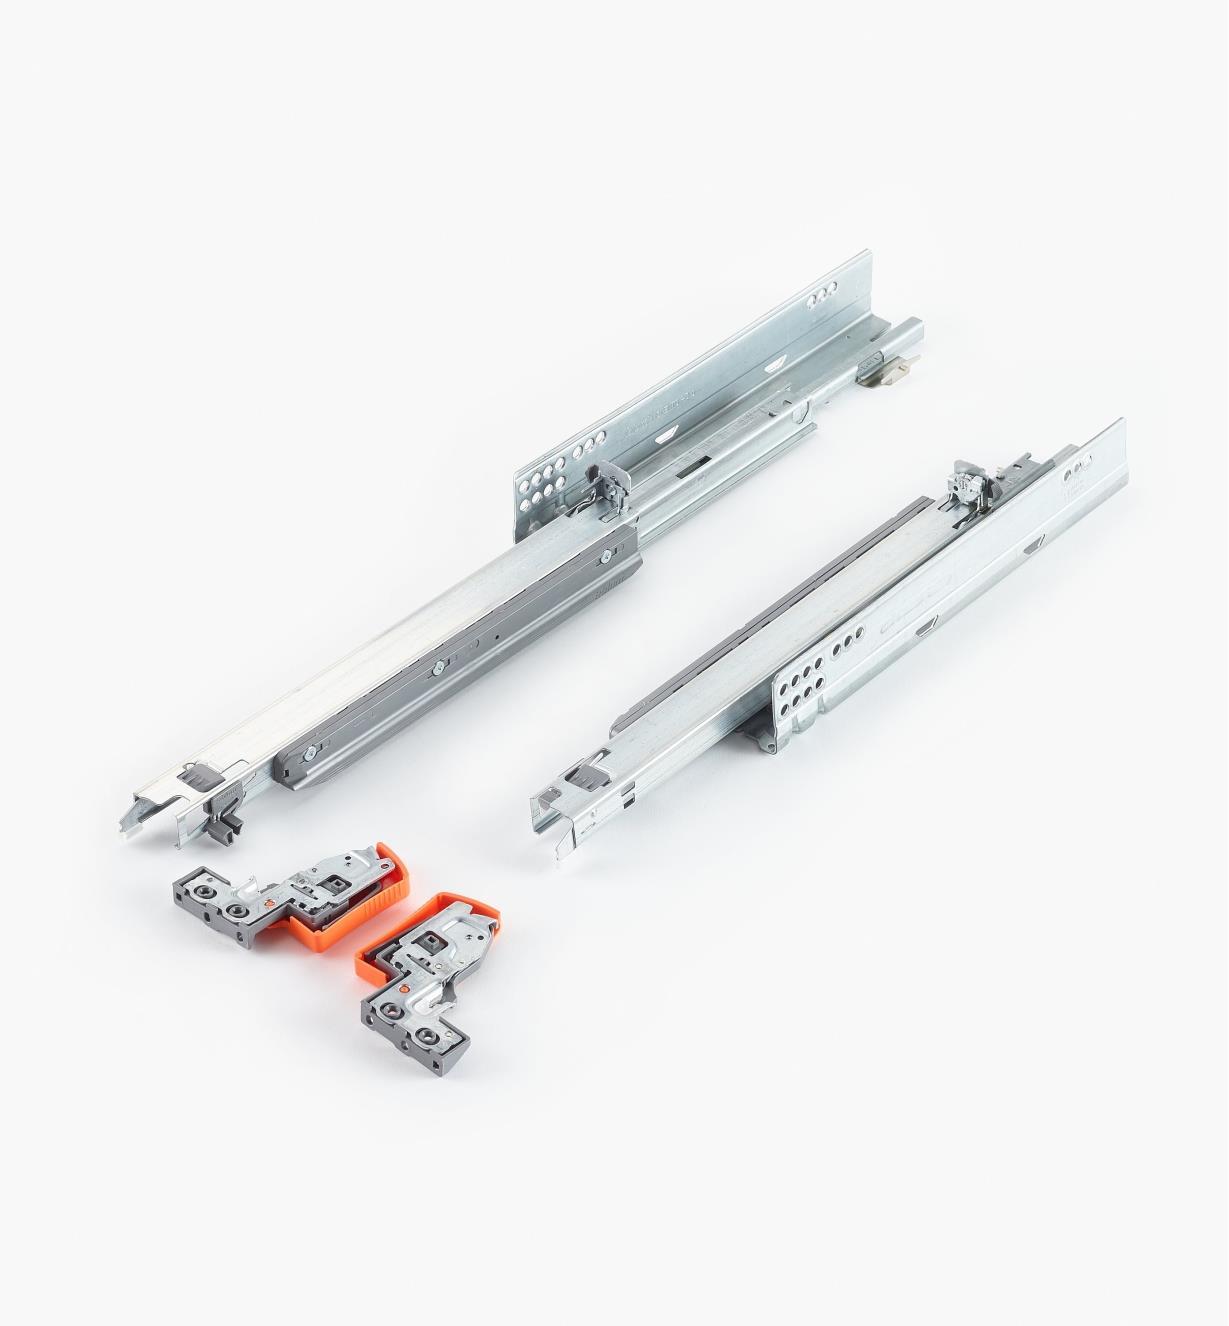 02K5435 - Coulisses Movento Blum de 350 mm (14 po), la paire